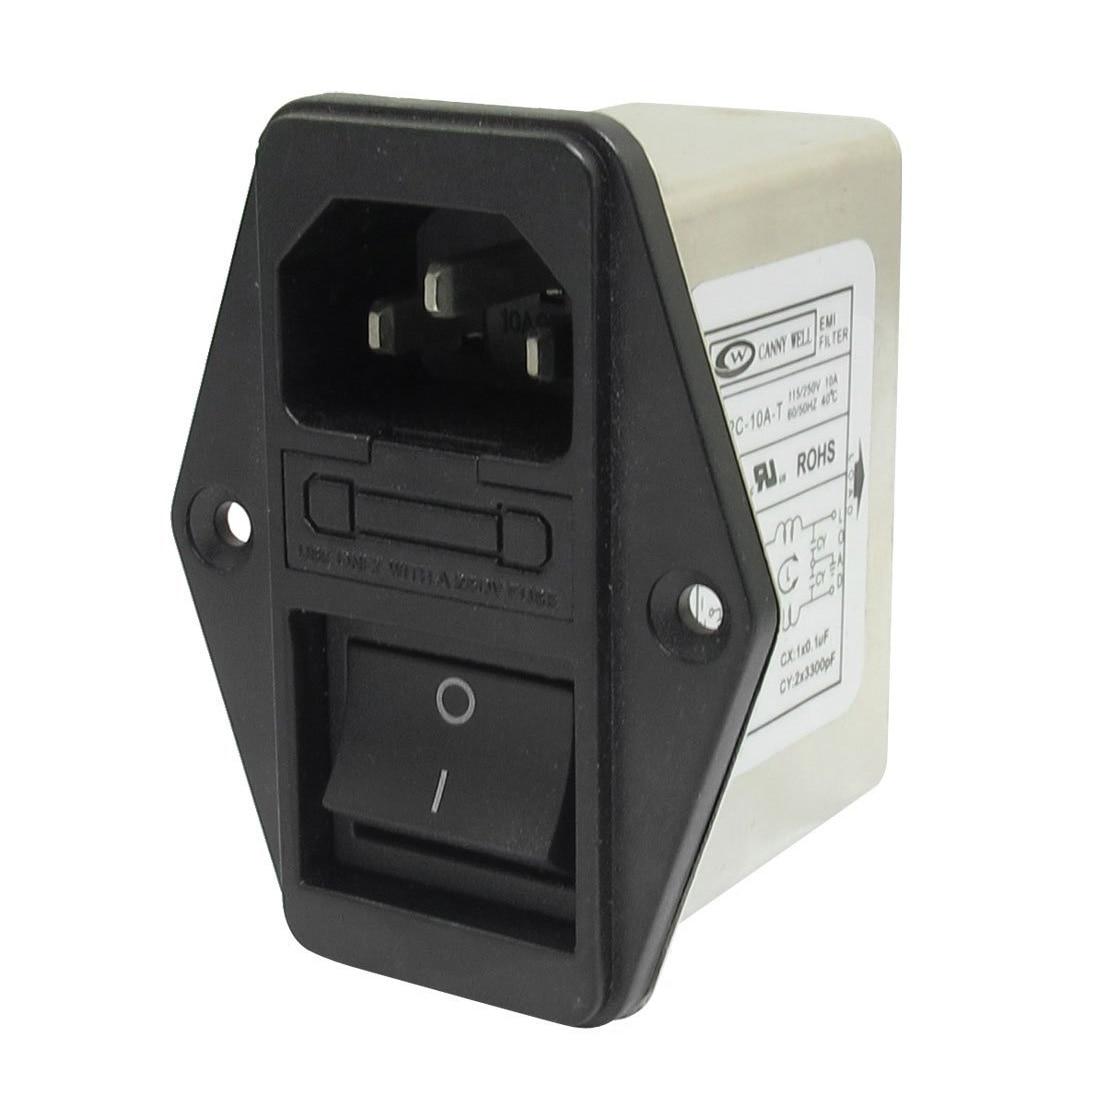 Förderung! Solder Lug Terminals IEC 320 C14 EMI Filter + Boot Schalter + Sicherung Halter